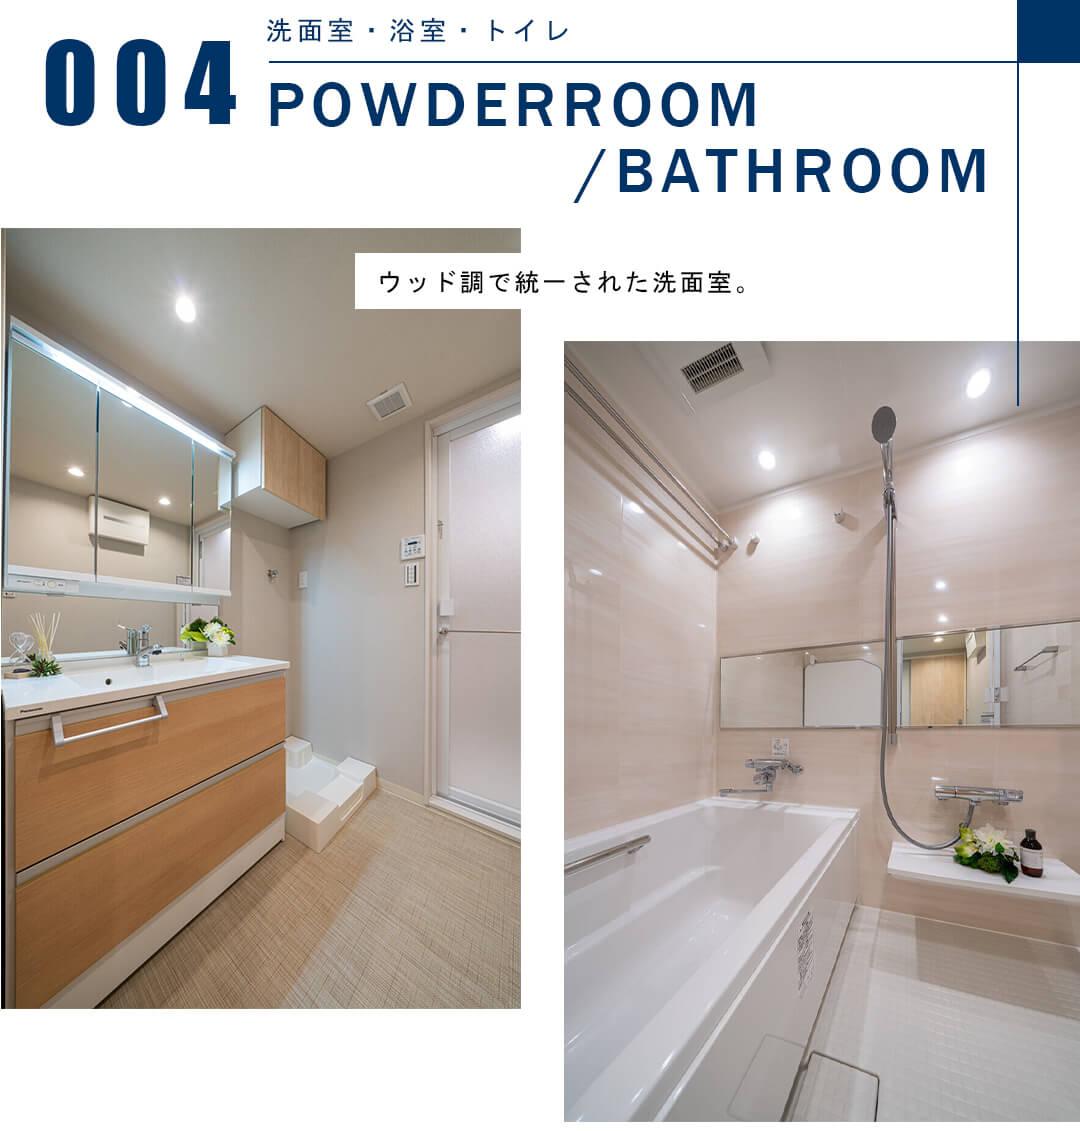 ユニーブル荏原の洗面室・浴室